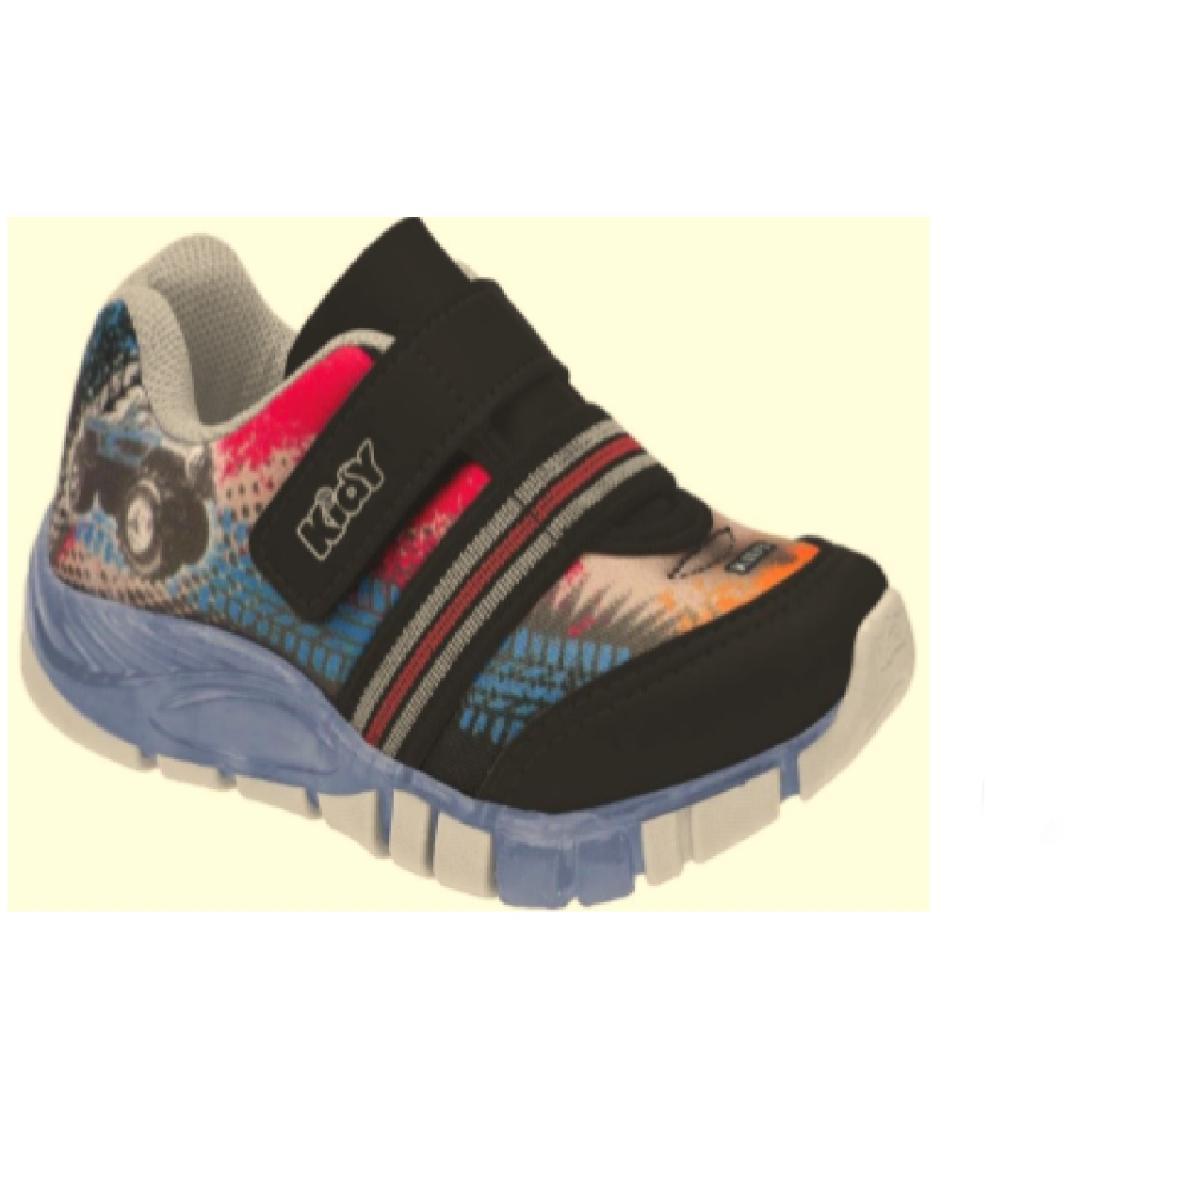 Tênis Masc Infantil Kidy 02001034635 Preto/vermelho/azul